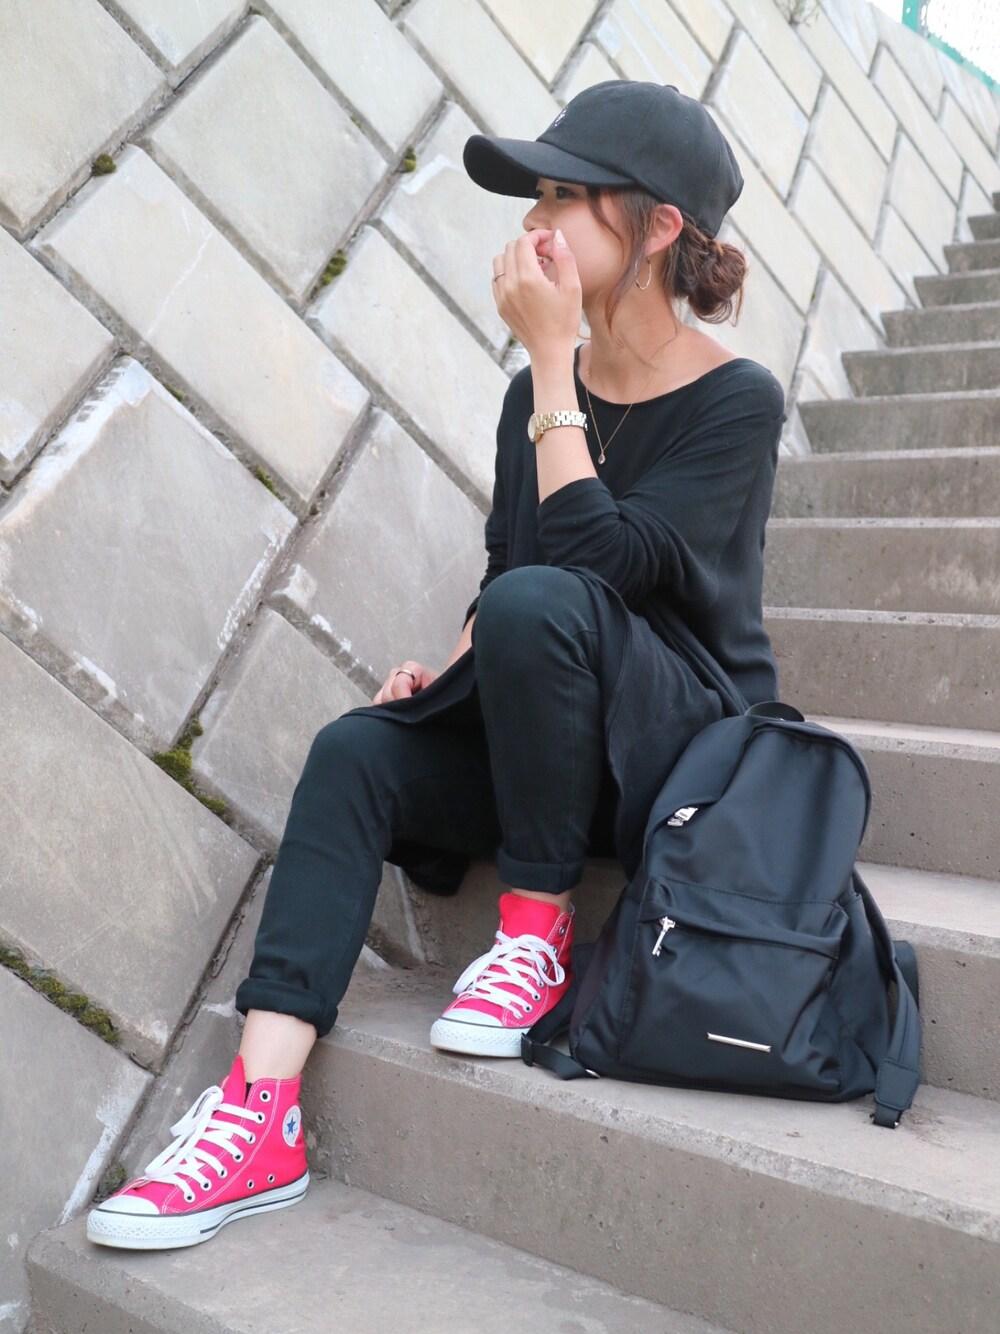 運動会 サッカー観戦 ママ服装 かっこいい 帽子 キャップ 画像